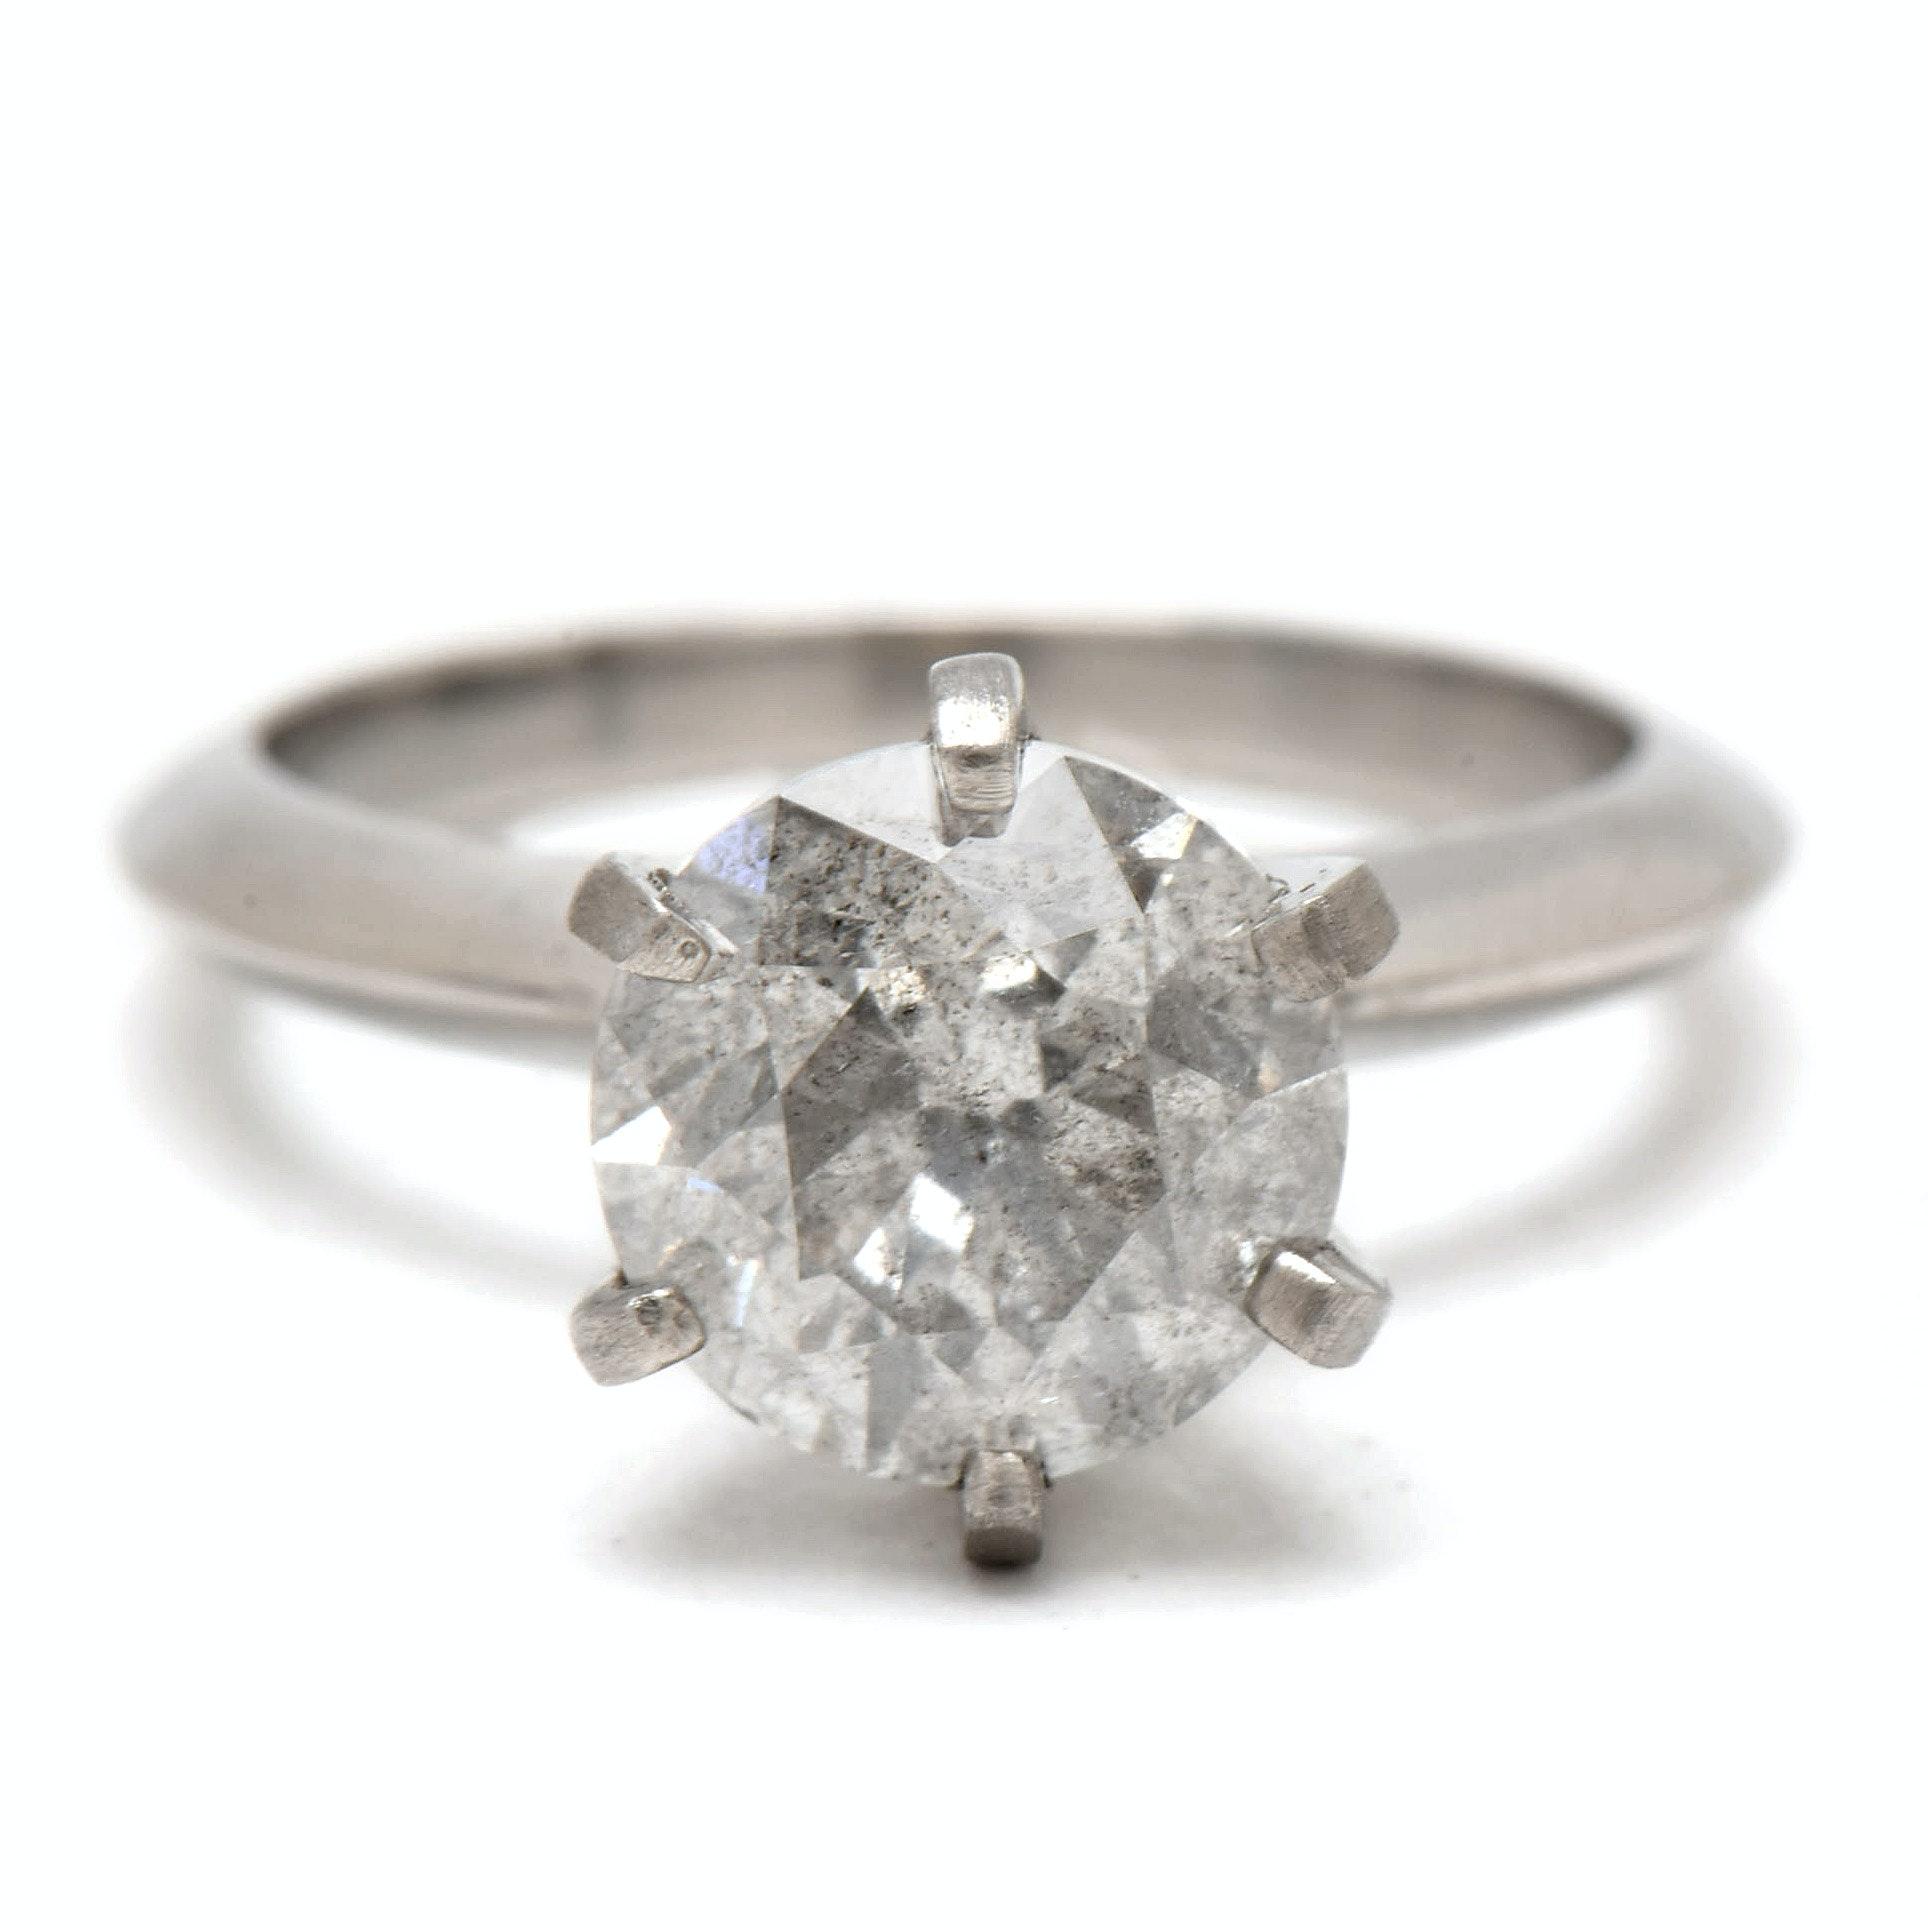 Platinum 3.15 CT Diamond Solitaire Ring